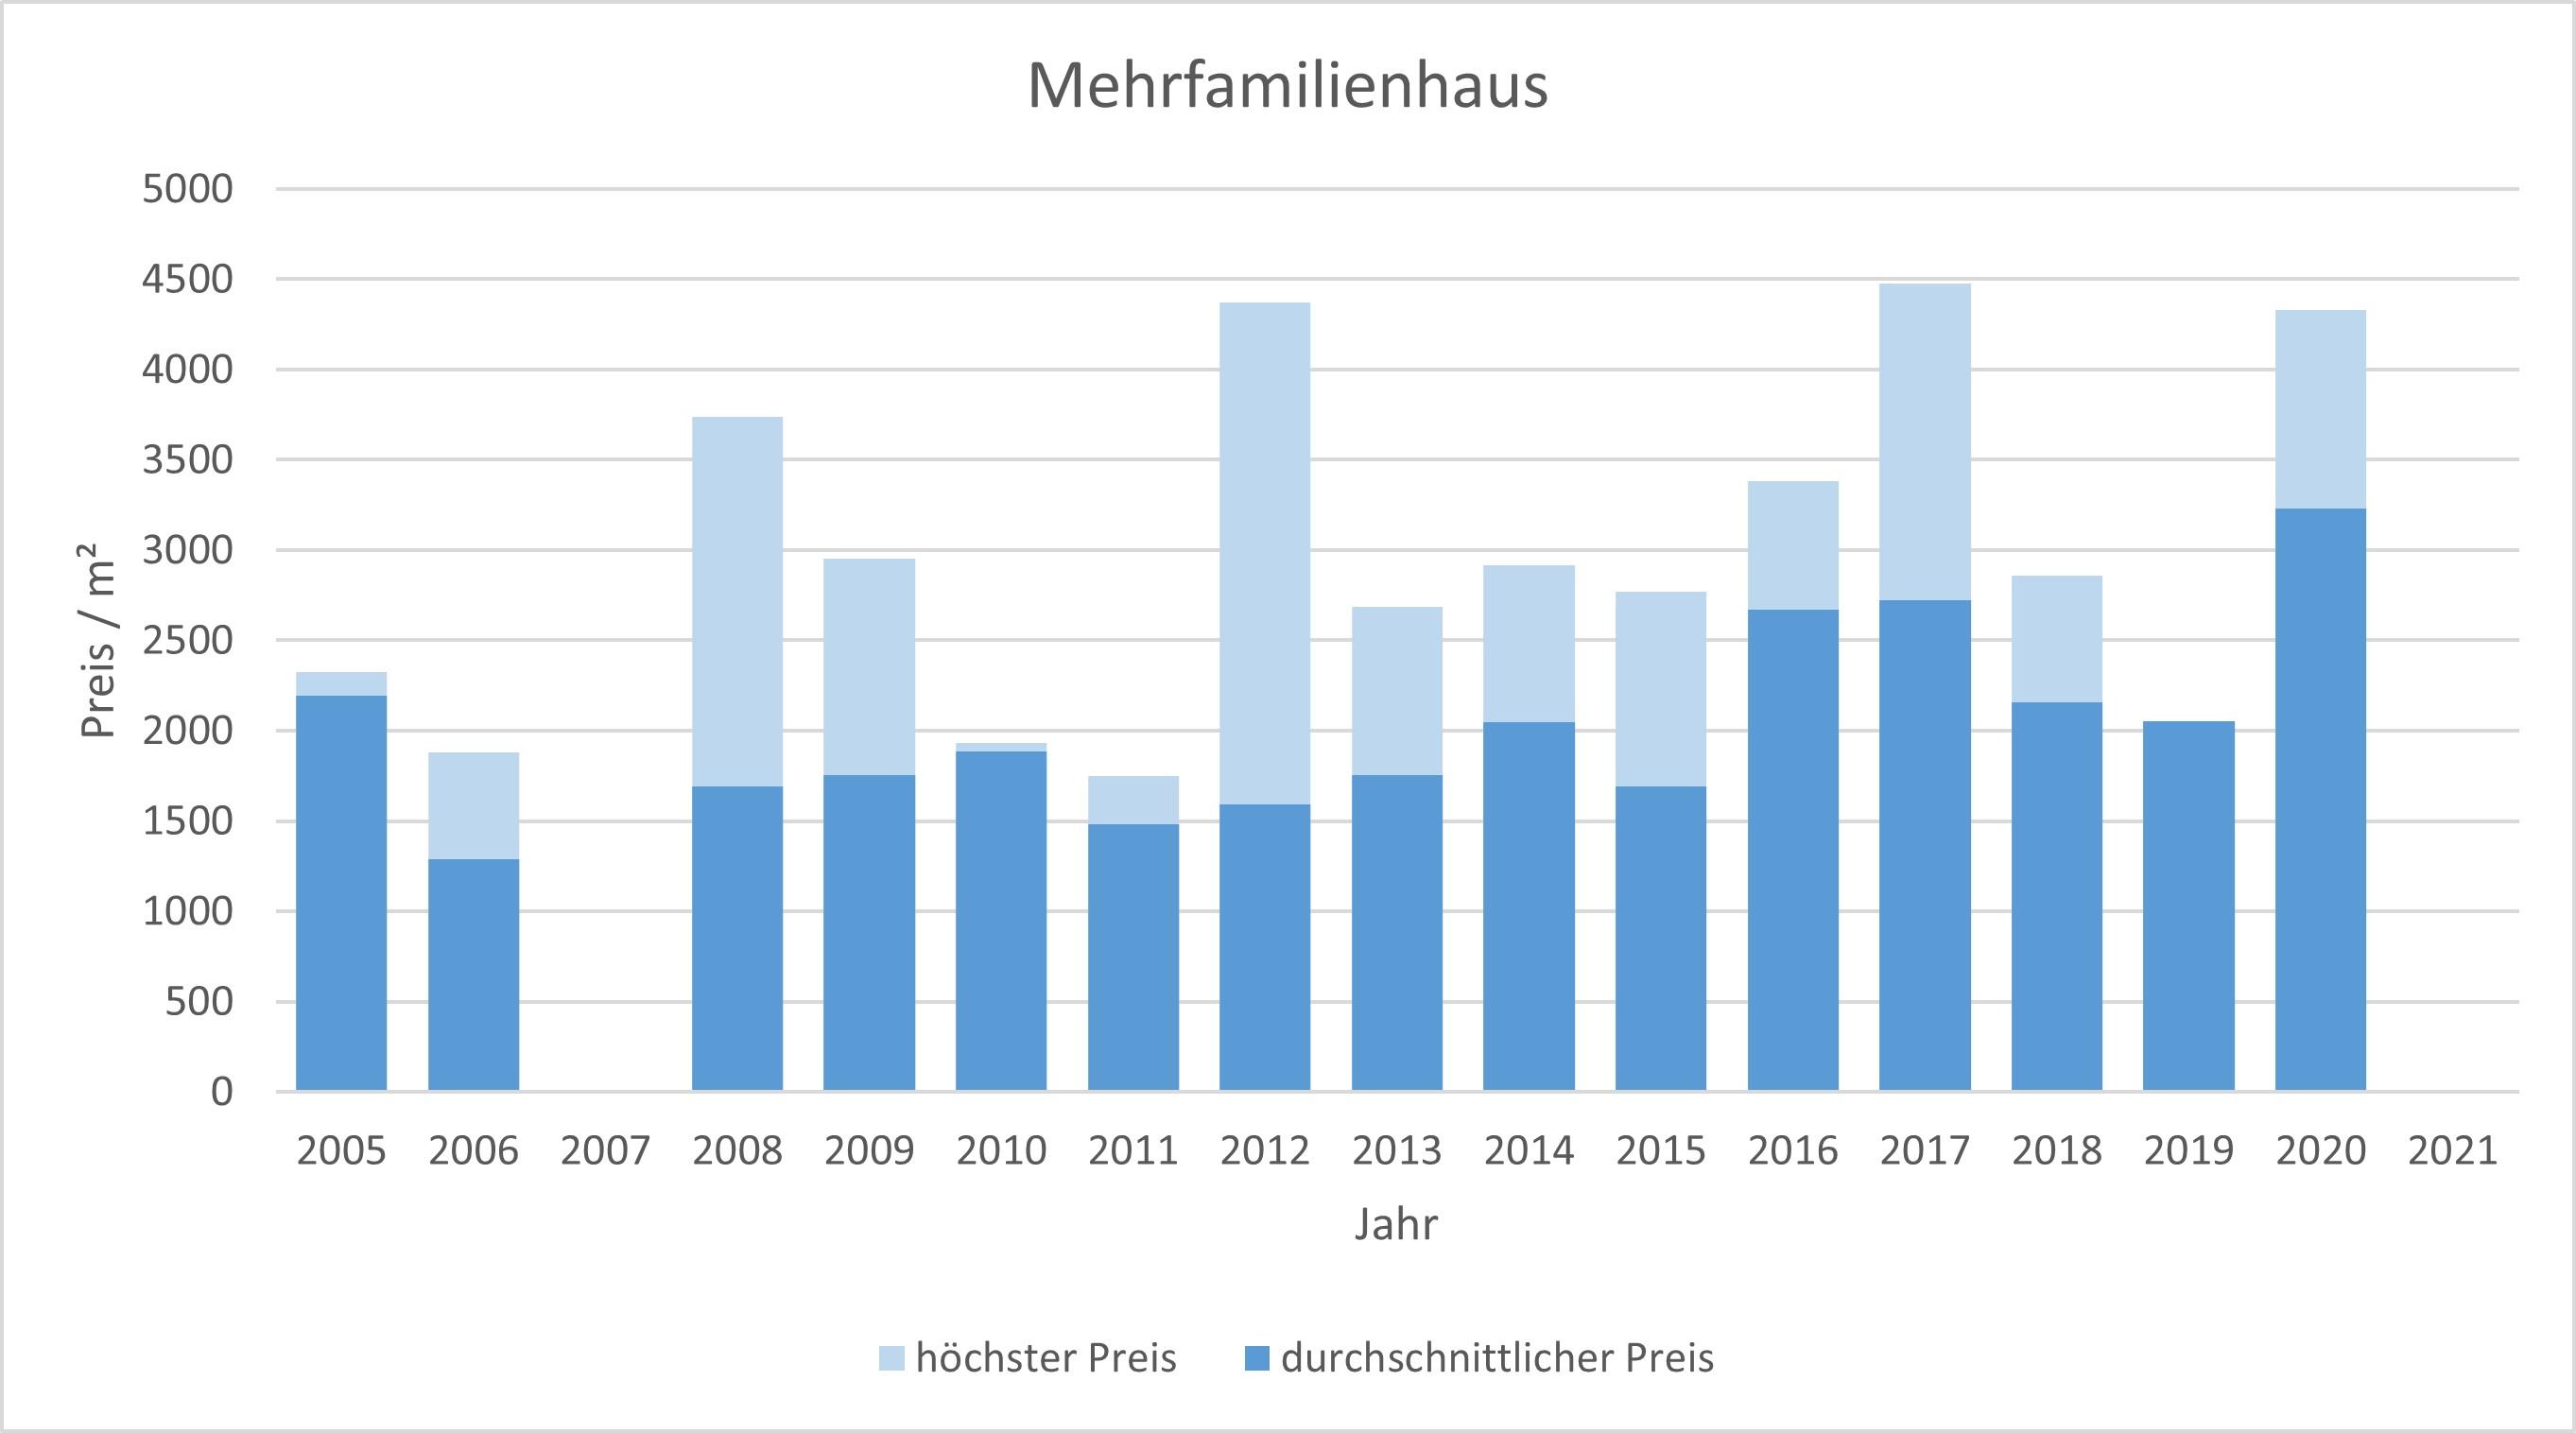 Hausham - Schliersee Mehrfamilienhaus kaufen verkaufen Preis Bewertung 2019 2020 2021  Makler www.happy-immo.de